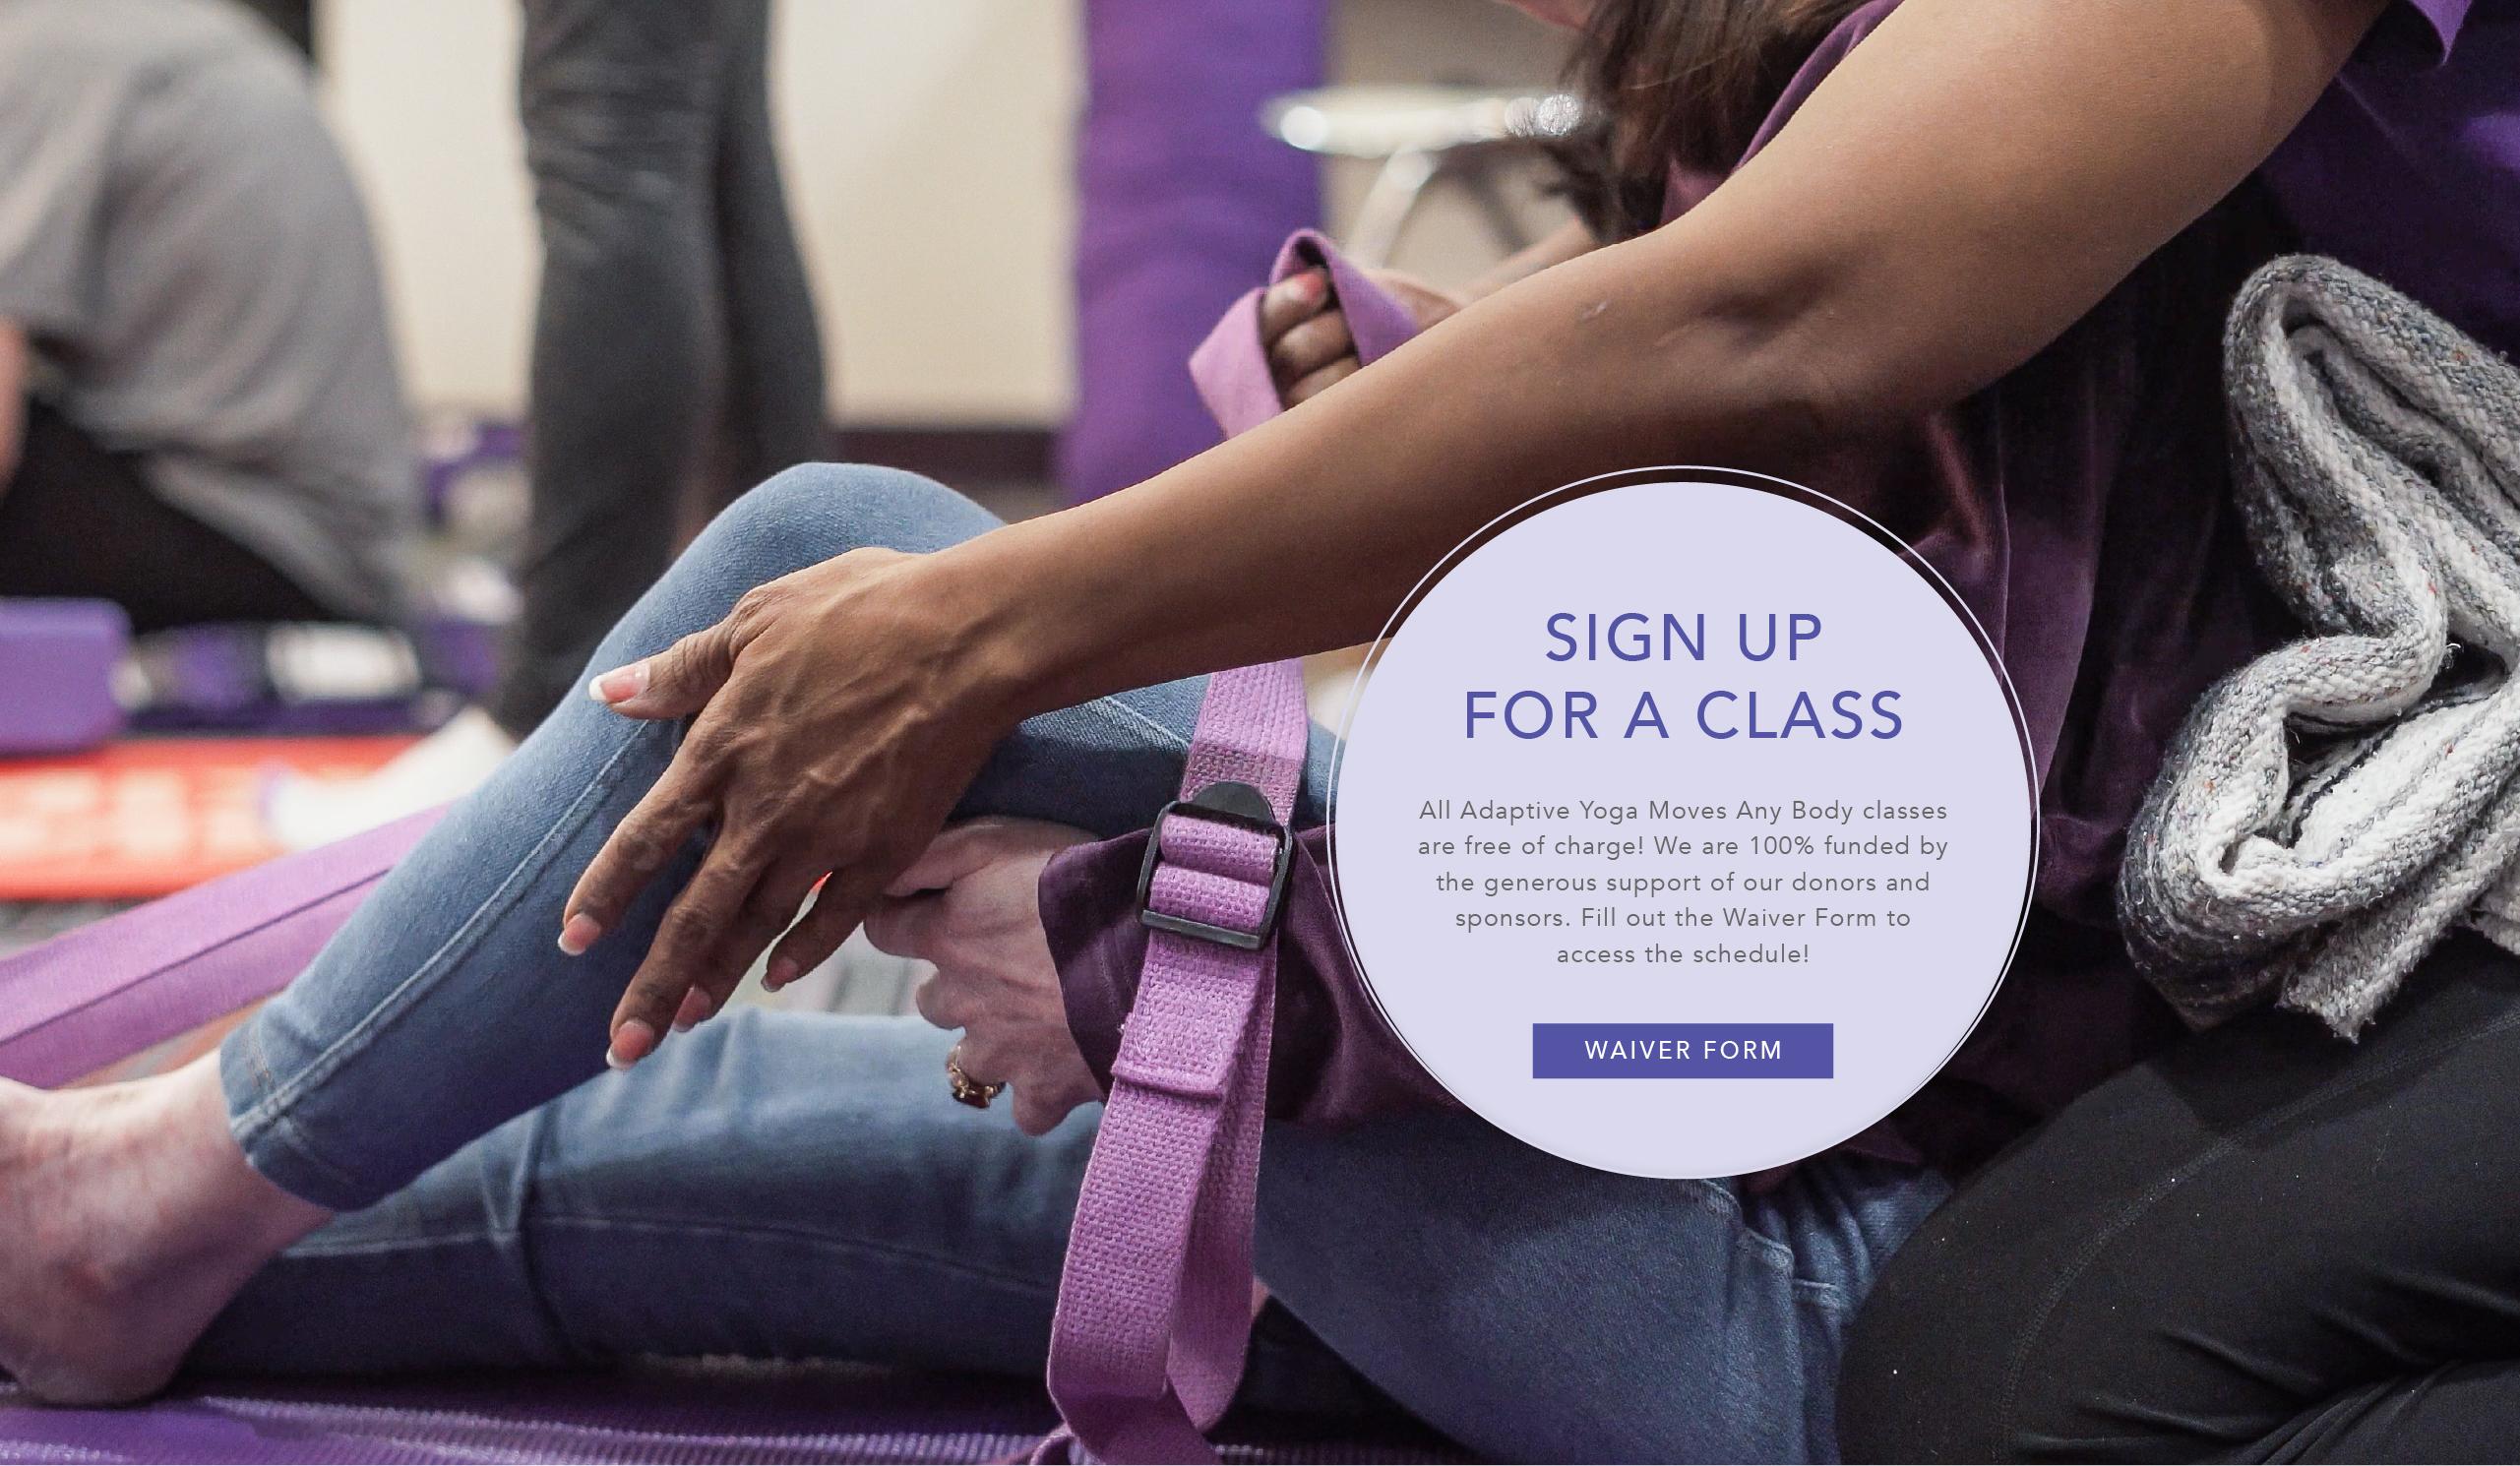 Adaptive Yoga Moves Any Body Classes